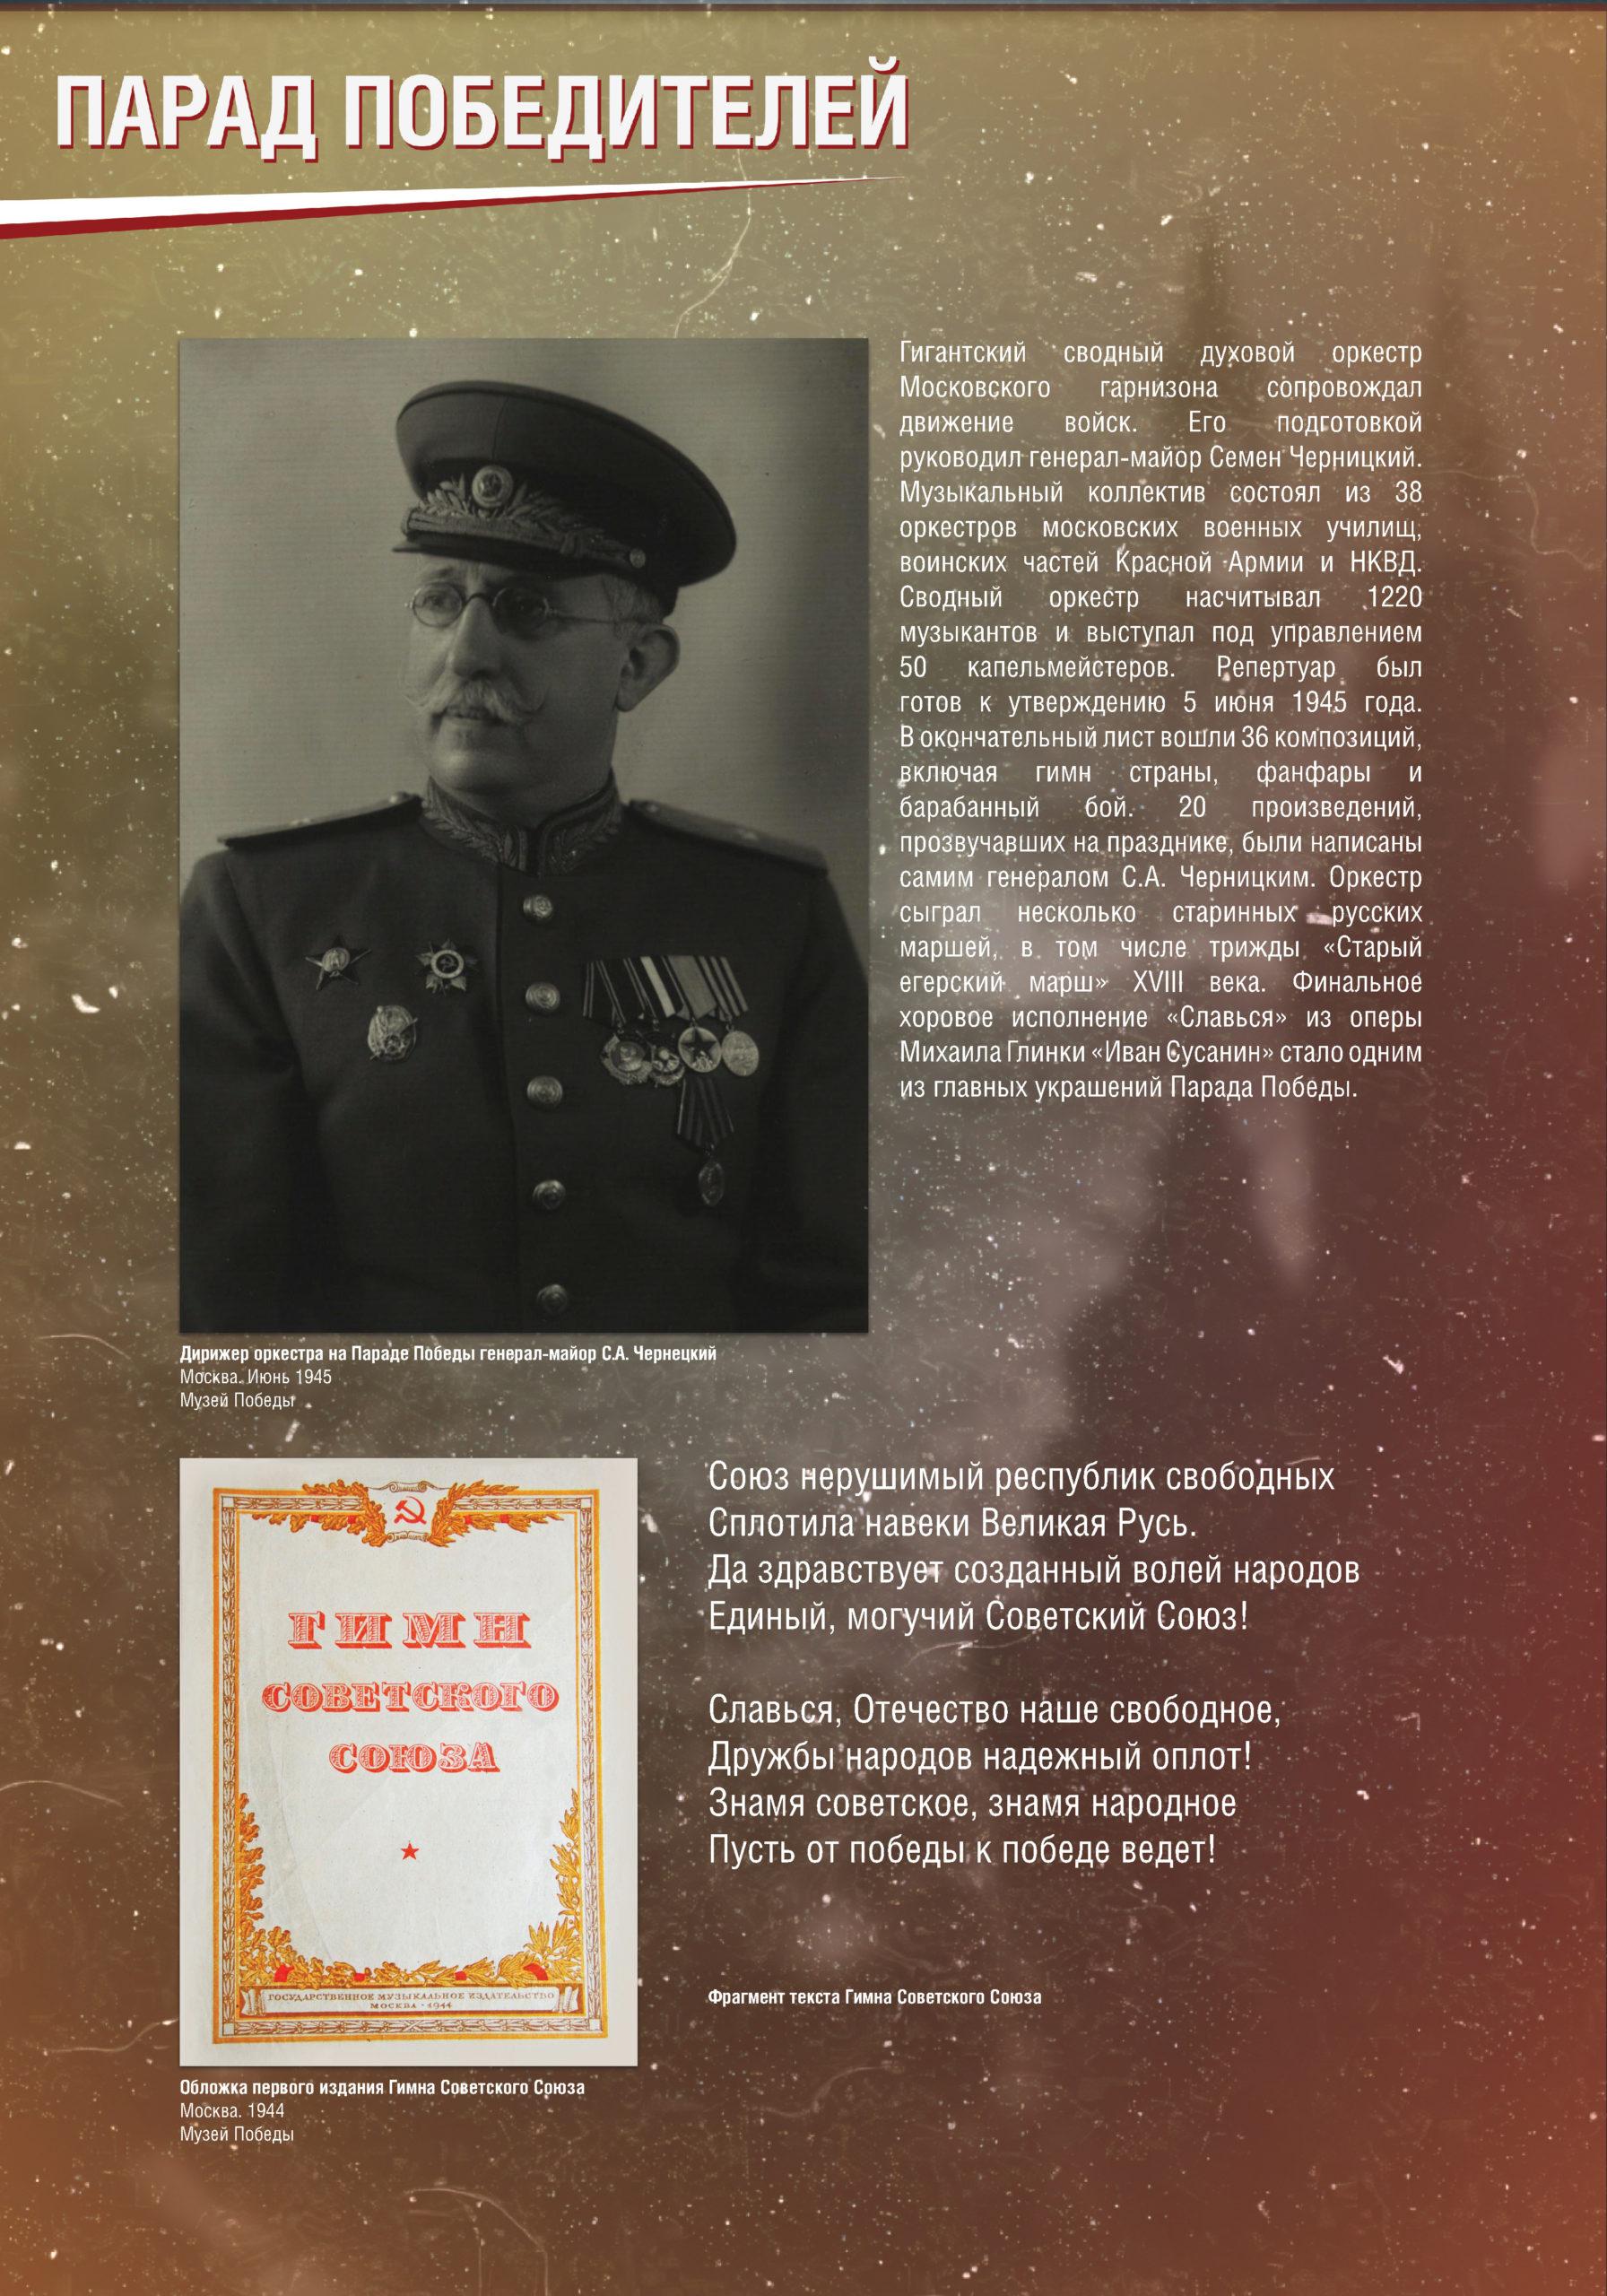 parad_pobediteley_1906_Page22